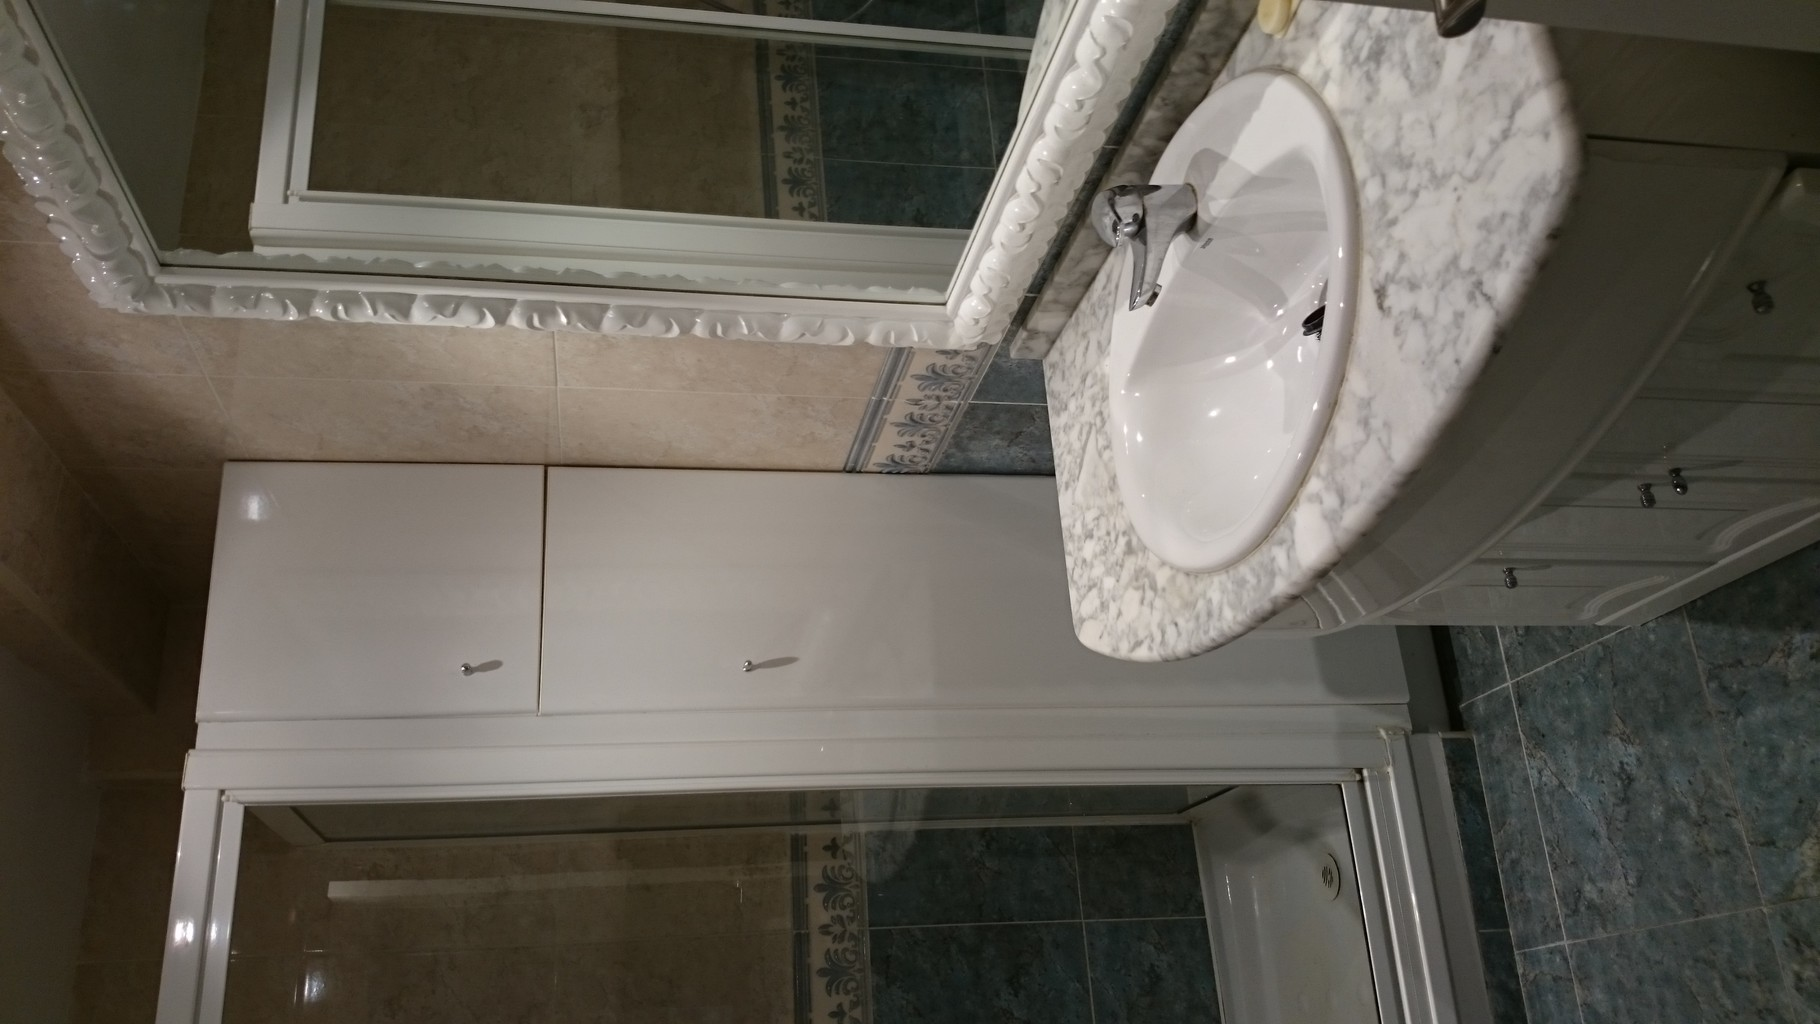 rent-spacious-luminous-floor-cuenca-city-center-4bd71979c74c718678b8cccd5265e94c